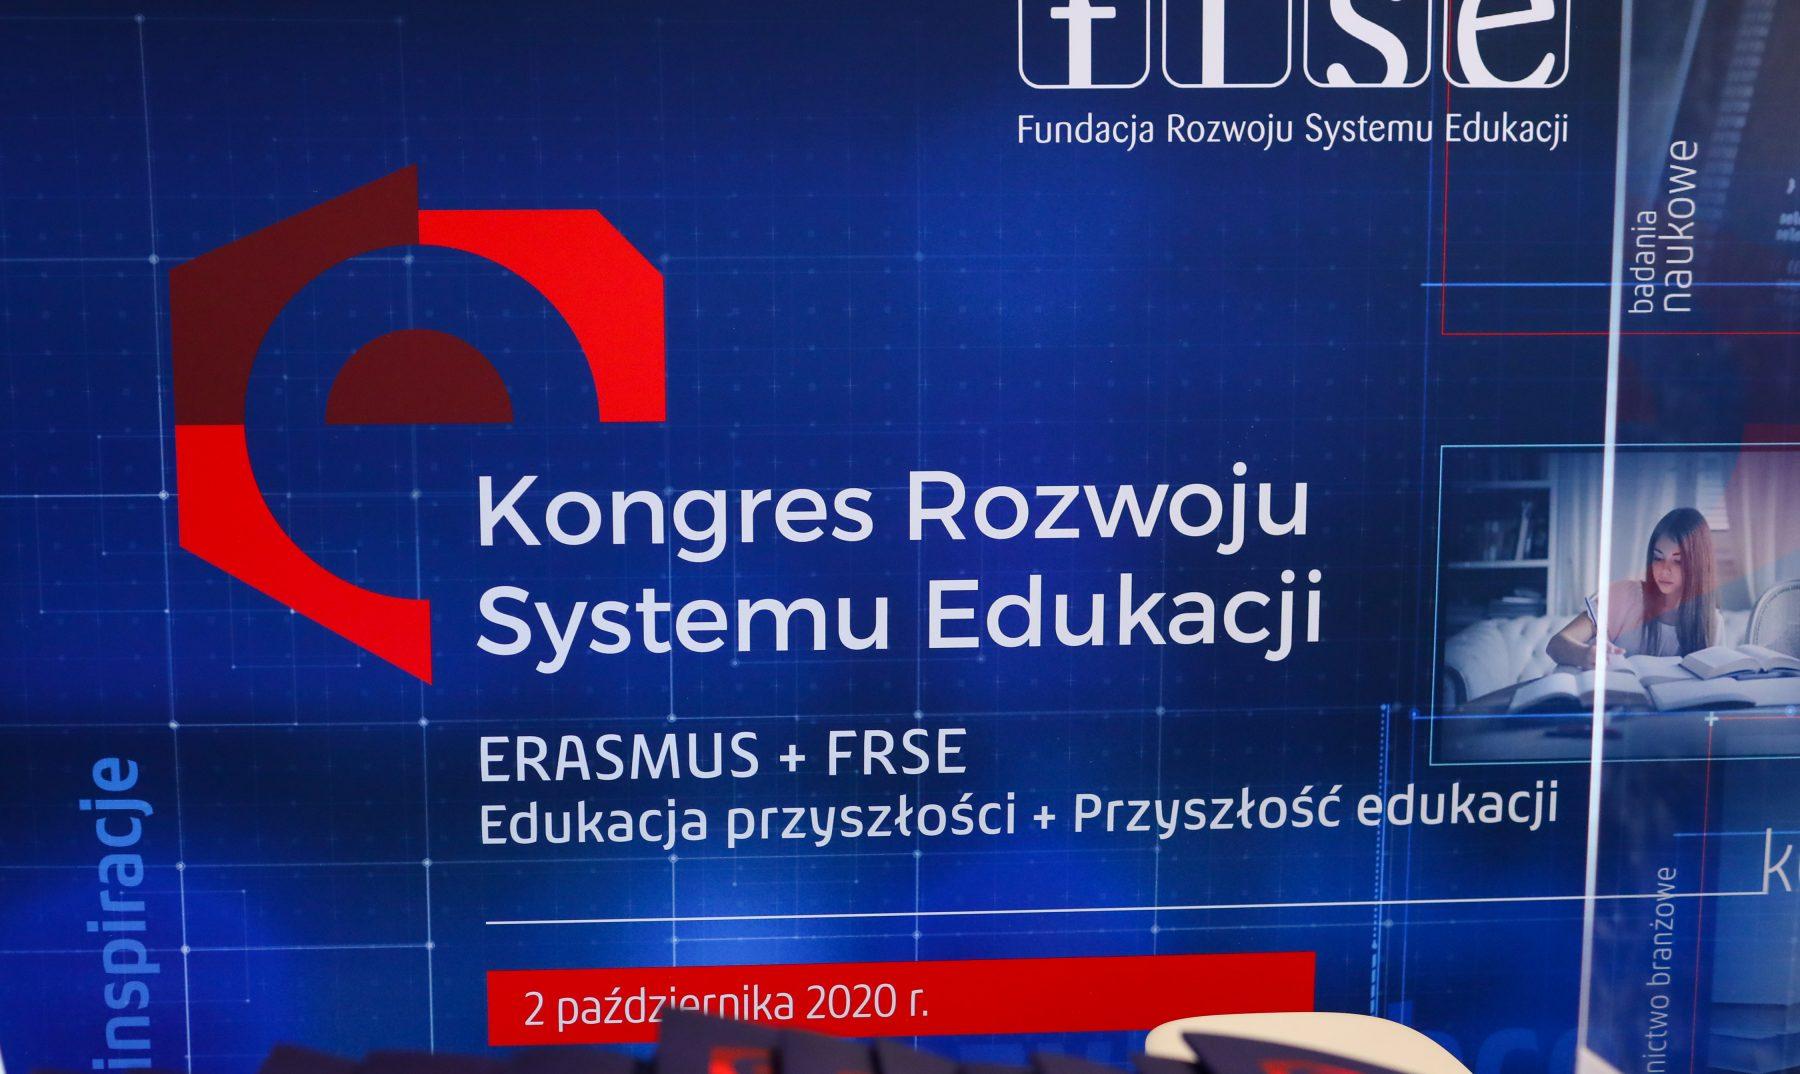 foto Krzysztof Kuczyk / www.kuczyk.com